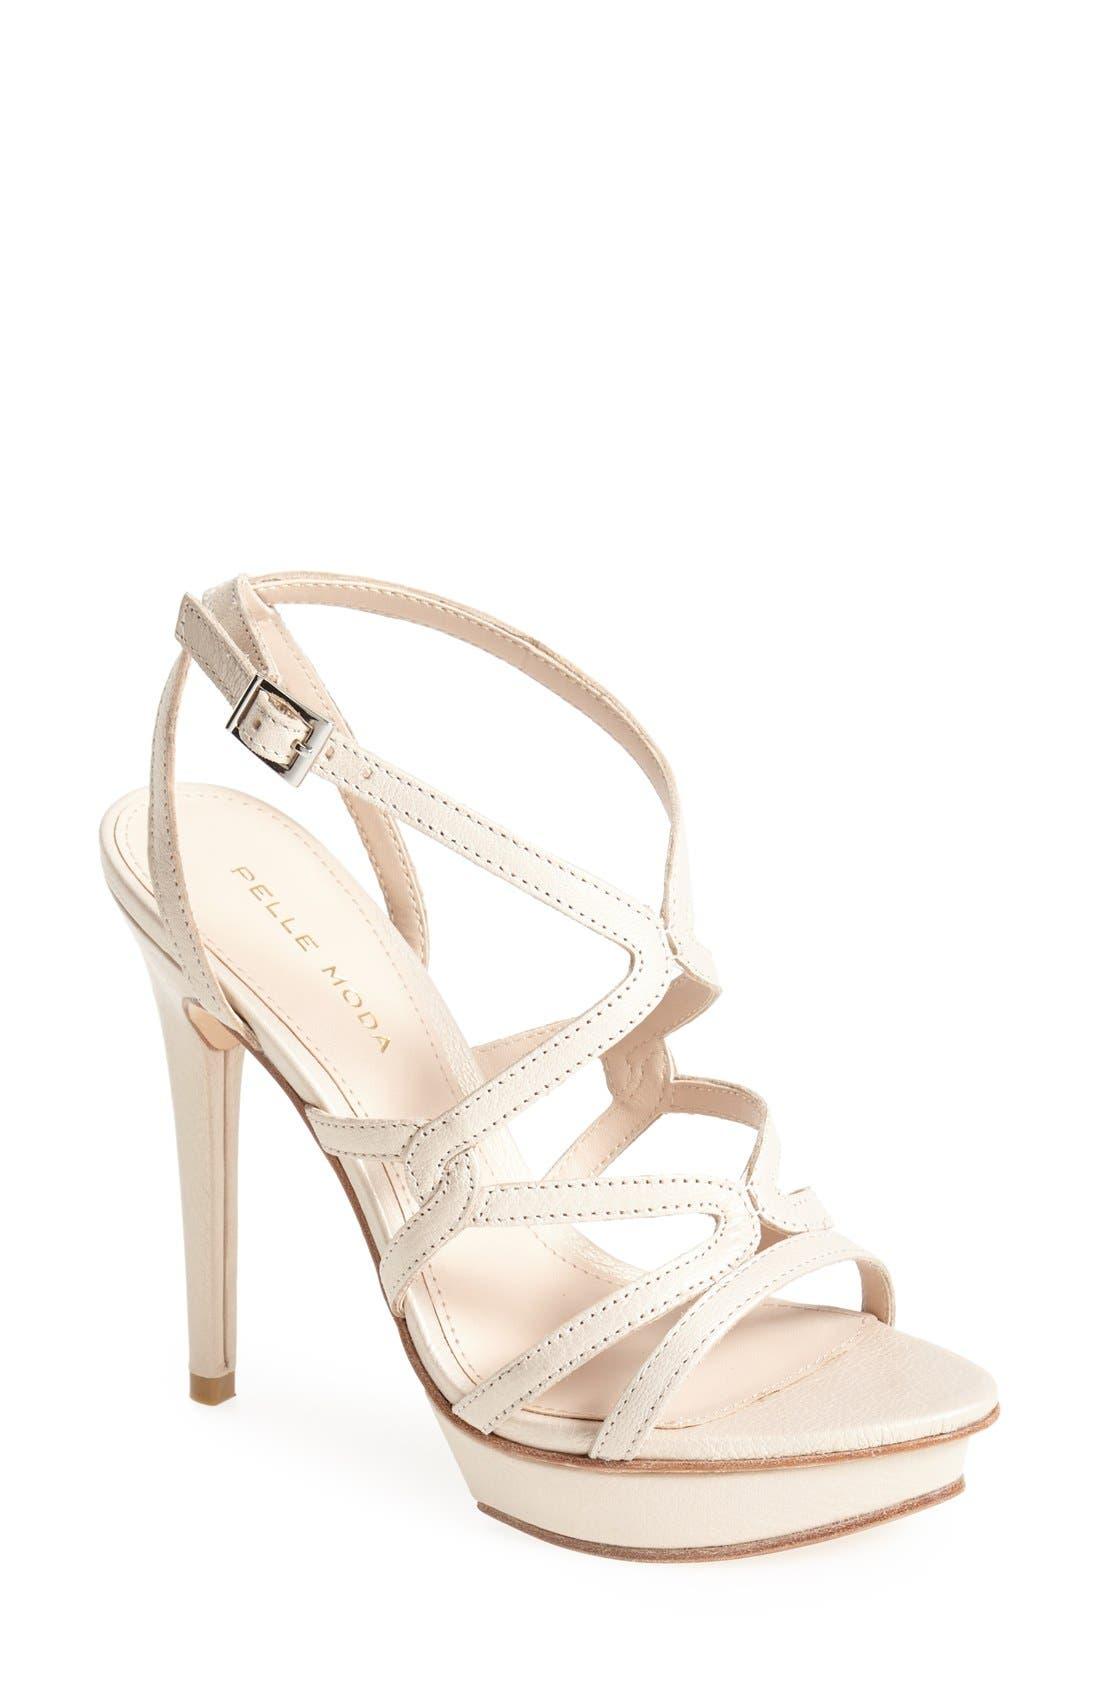 Alternate Image 1 Selected - Pelle Moda 'Farah II' Sandal (Women)